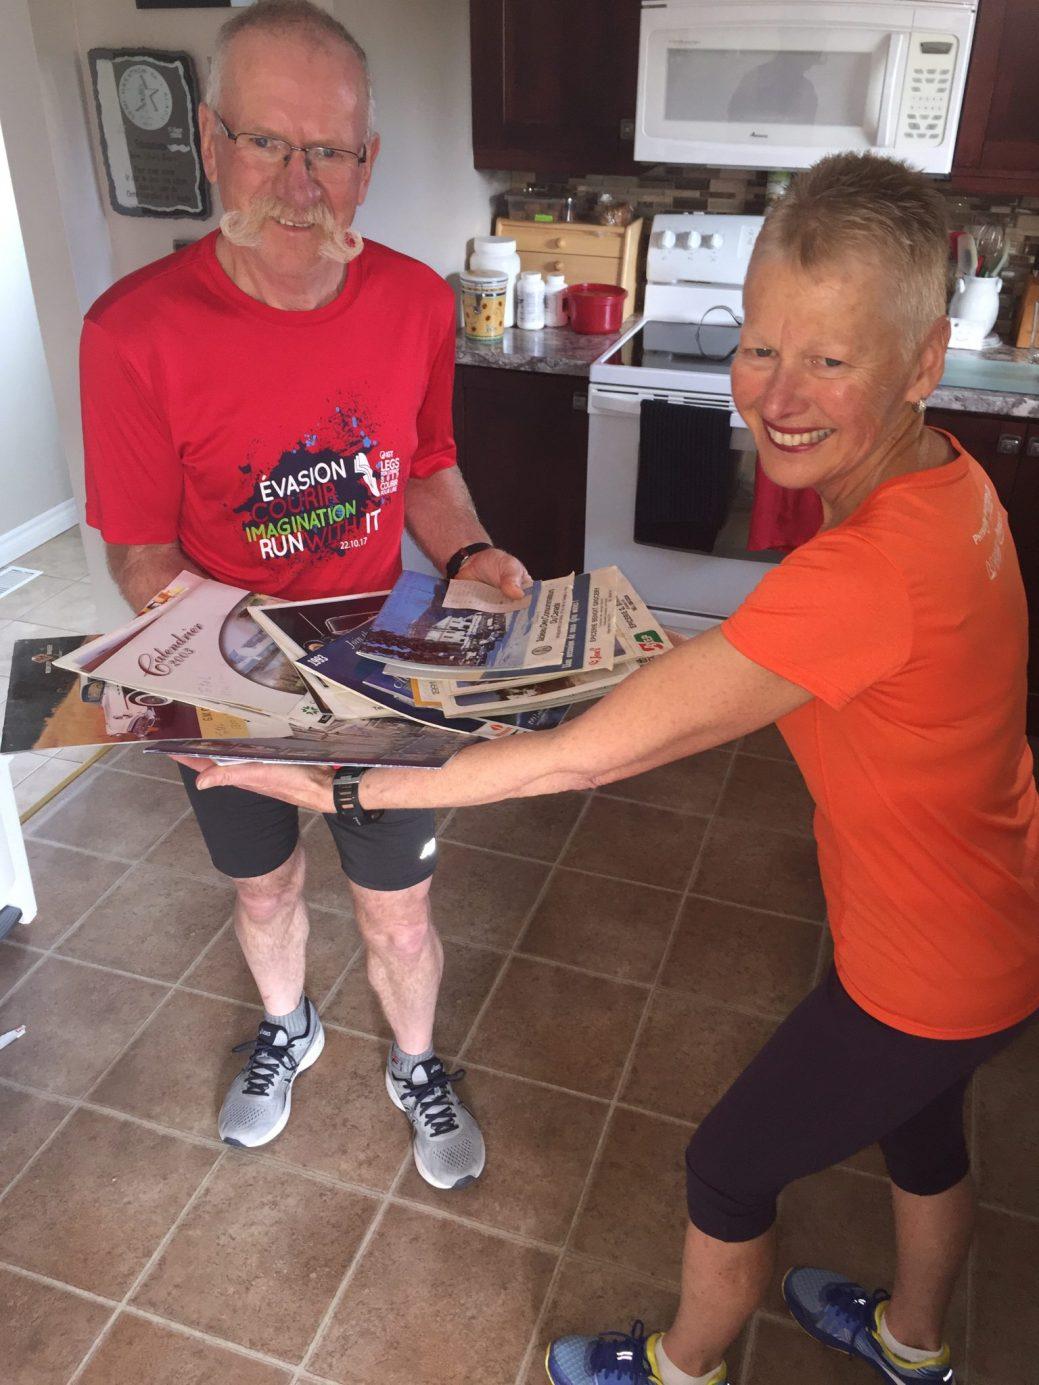 Grâce à leurs calendrier, Jean-Marie et Marcelle Breau savent qu'ils ont parcouru aux environs de 105 000 km au cours des 31 dernières années à la course. - Acadie Nouvelle: Robert Lagacé